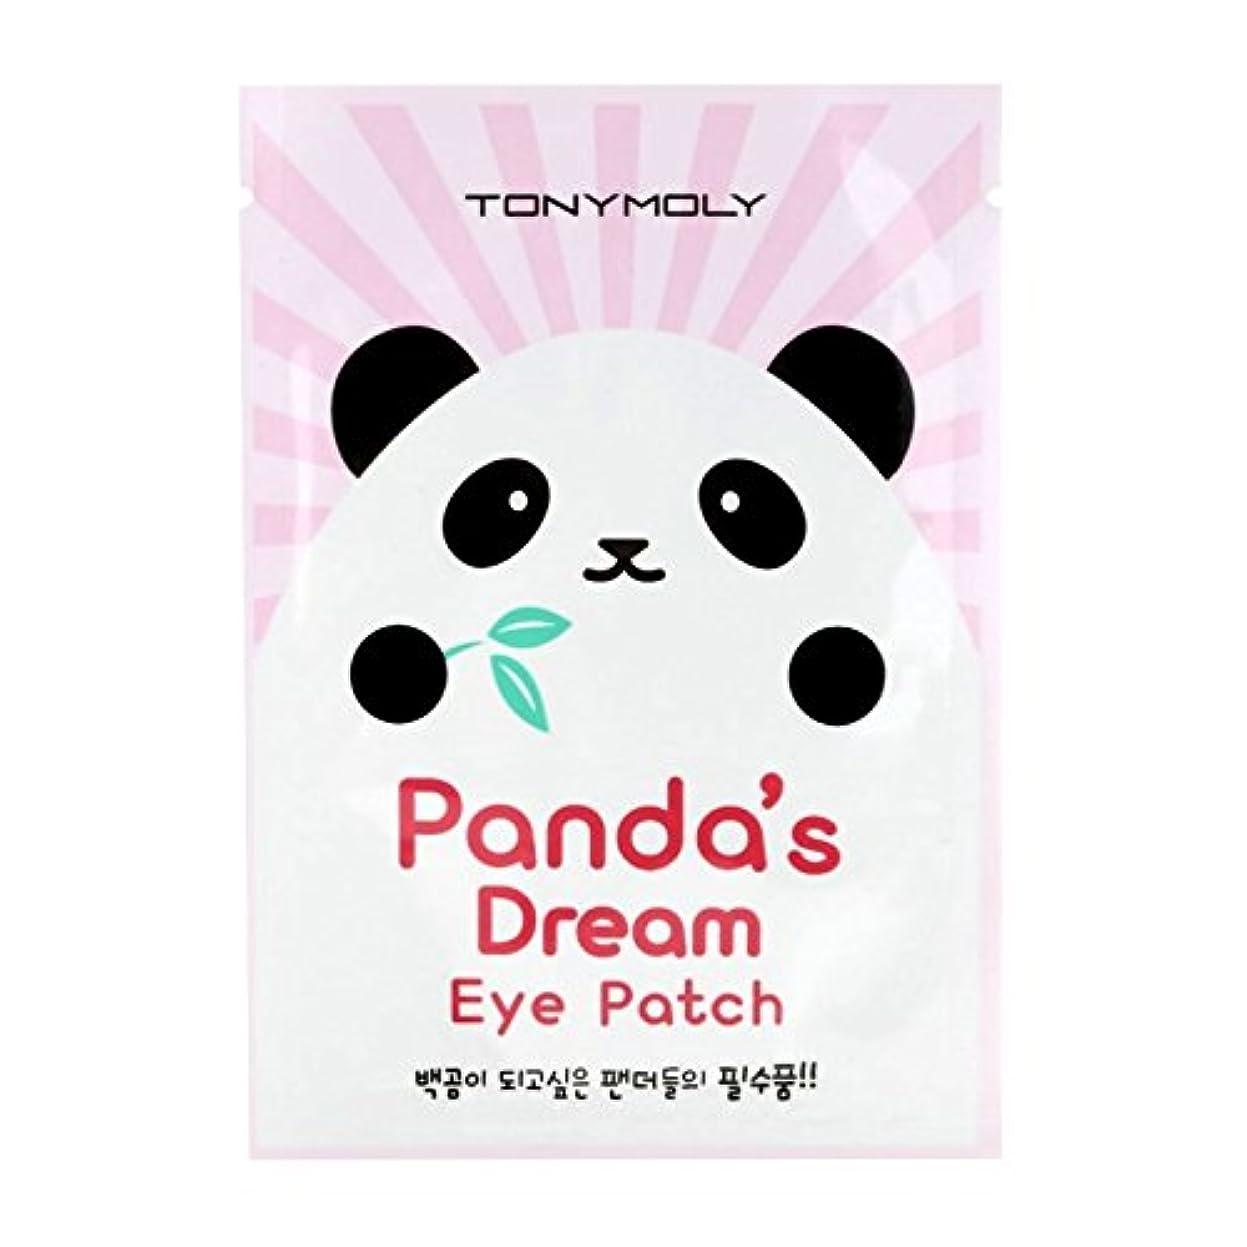 通信網バター中に(6 Pack) TONYMOLY Panda's Dream Eye Patch (並行輸入品)